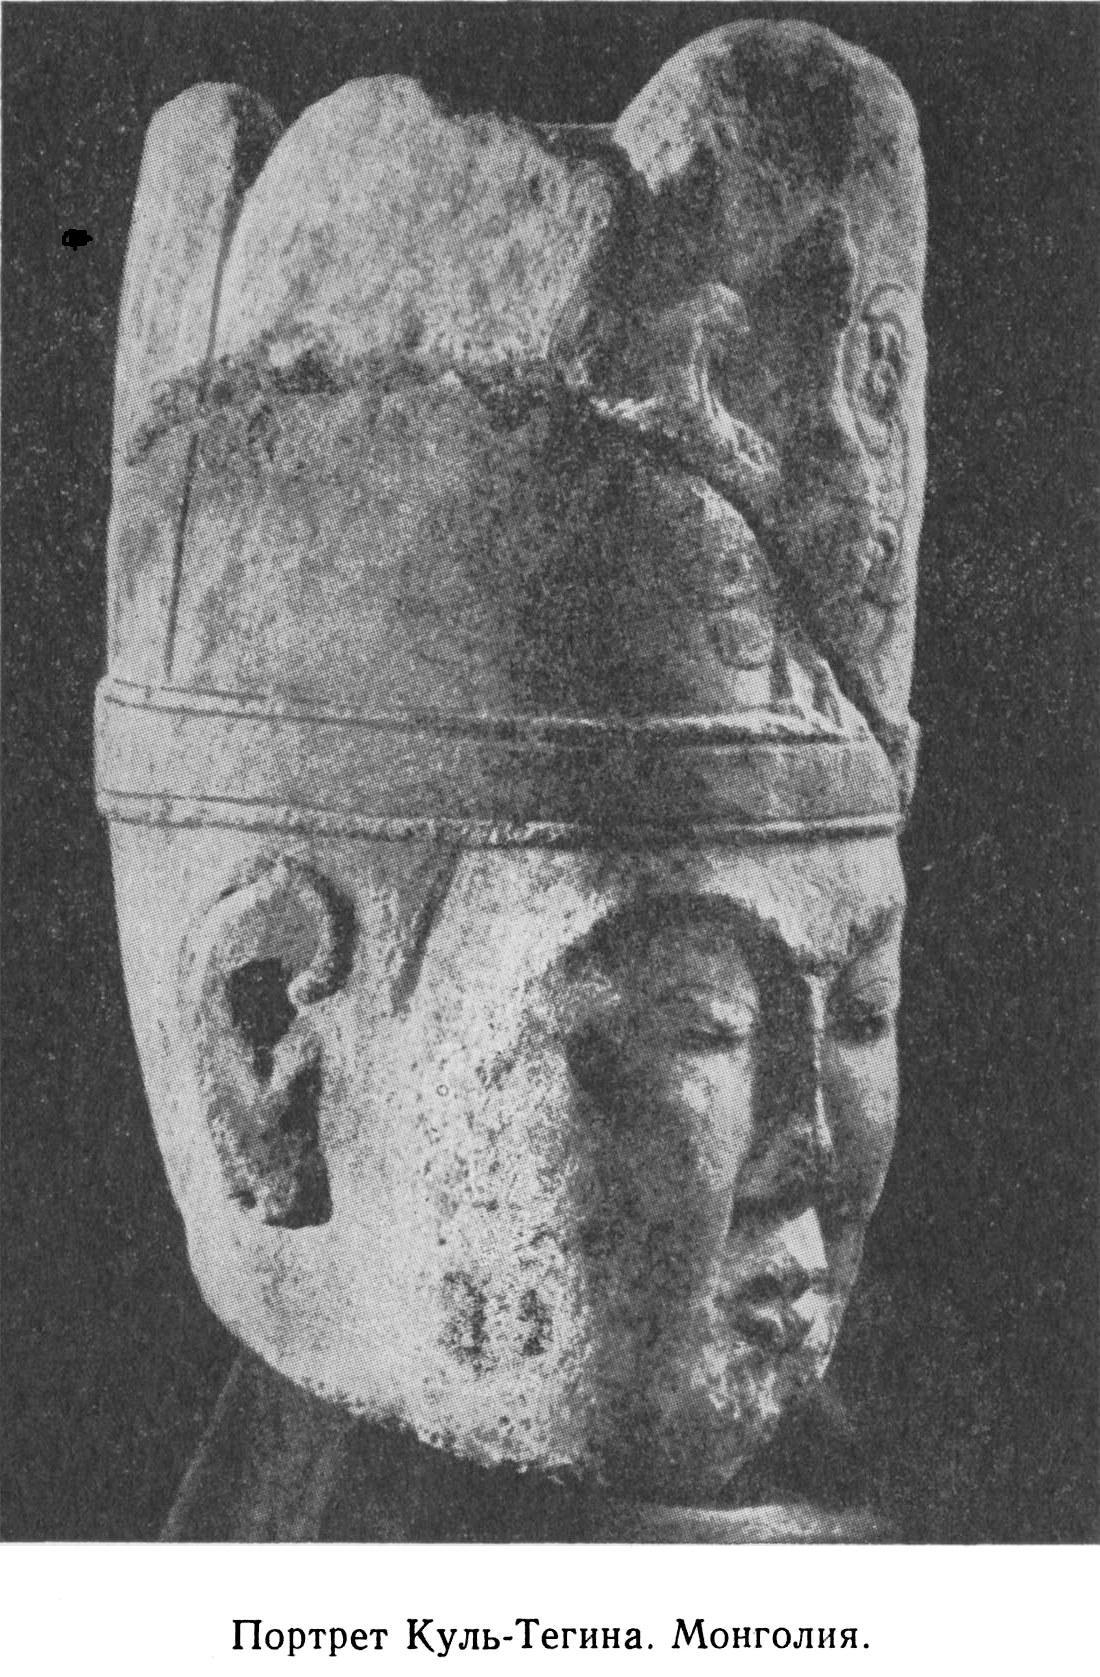 Антропология тюрков с античных времён до наших дней - Page 7 Artamonov-mi-1962-14-10